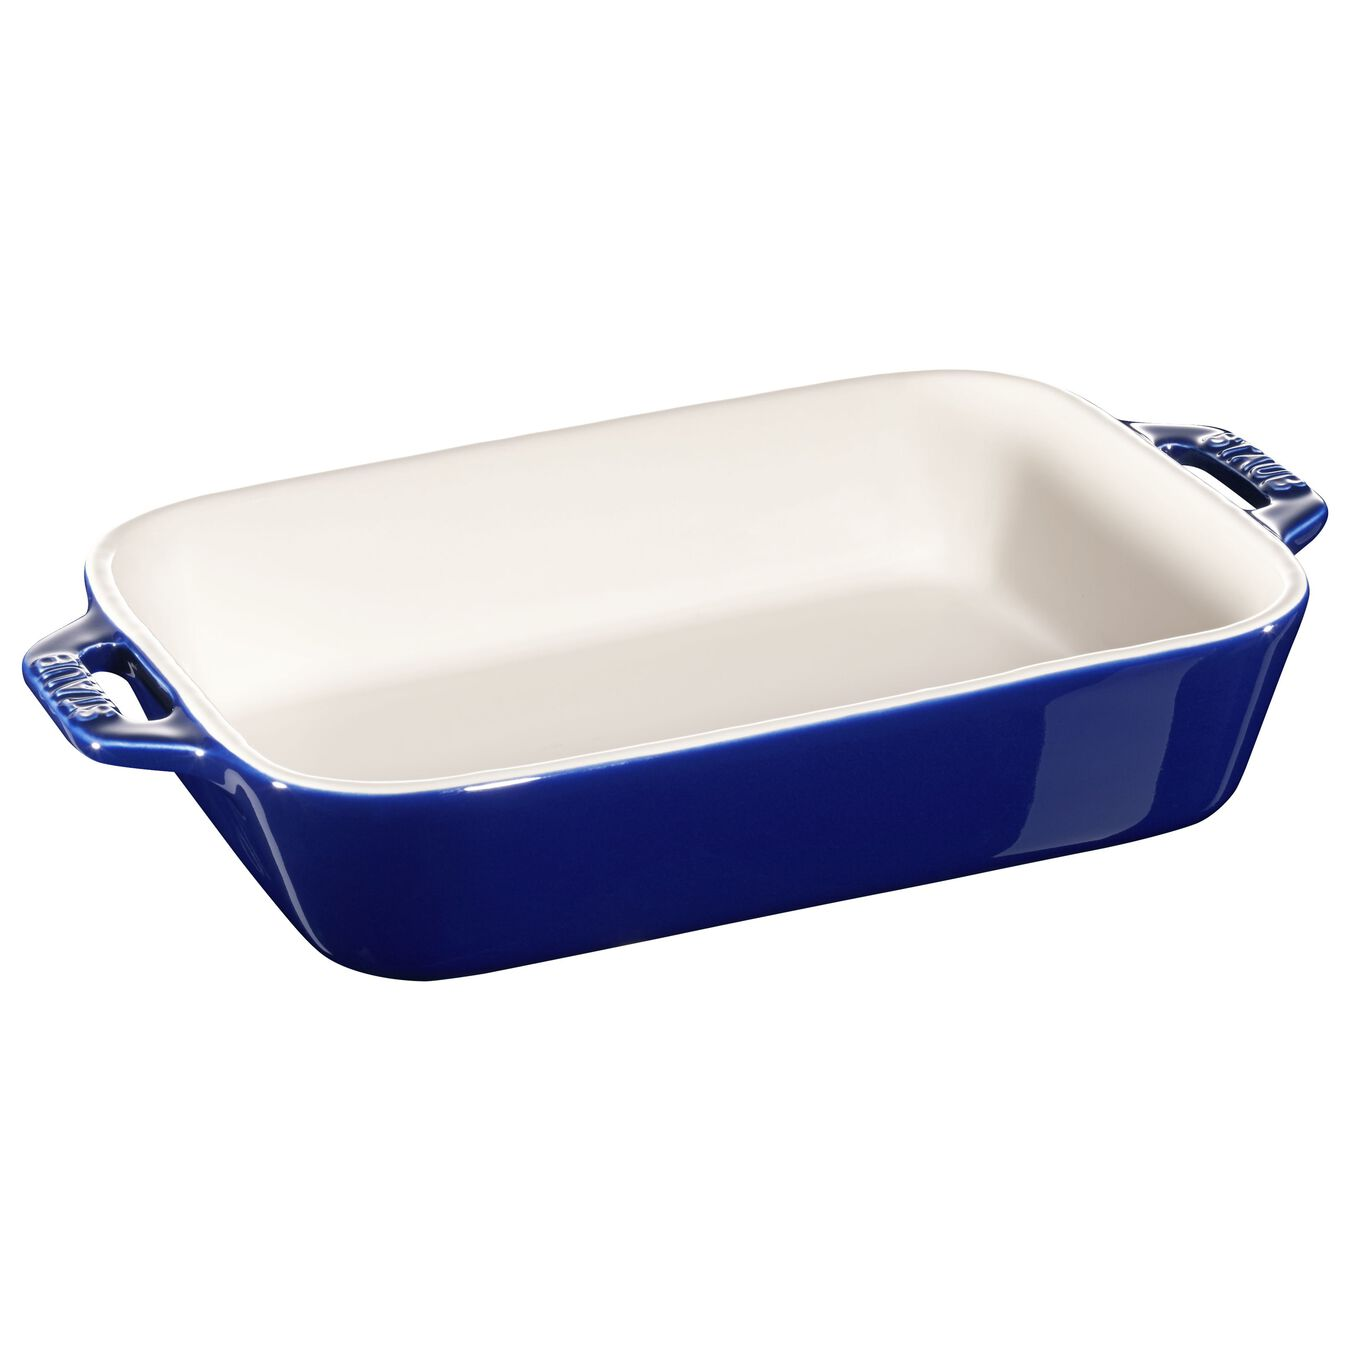 2-pc, Rectangular Baking Dish Set, dark blue,,large 4